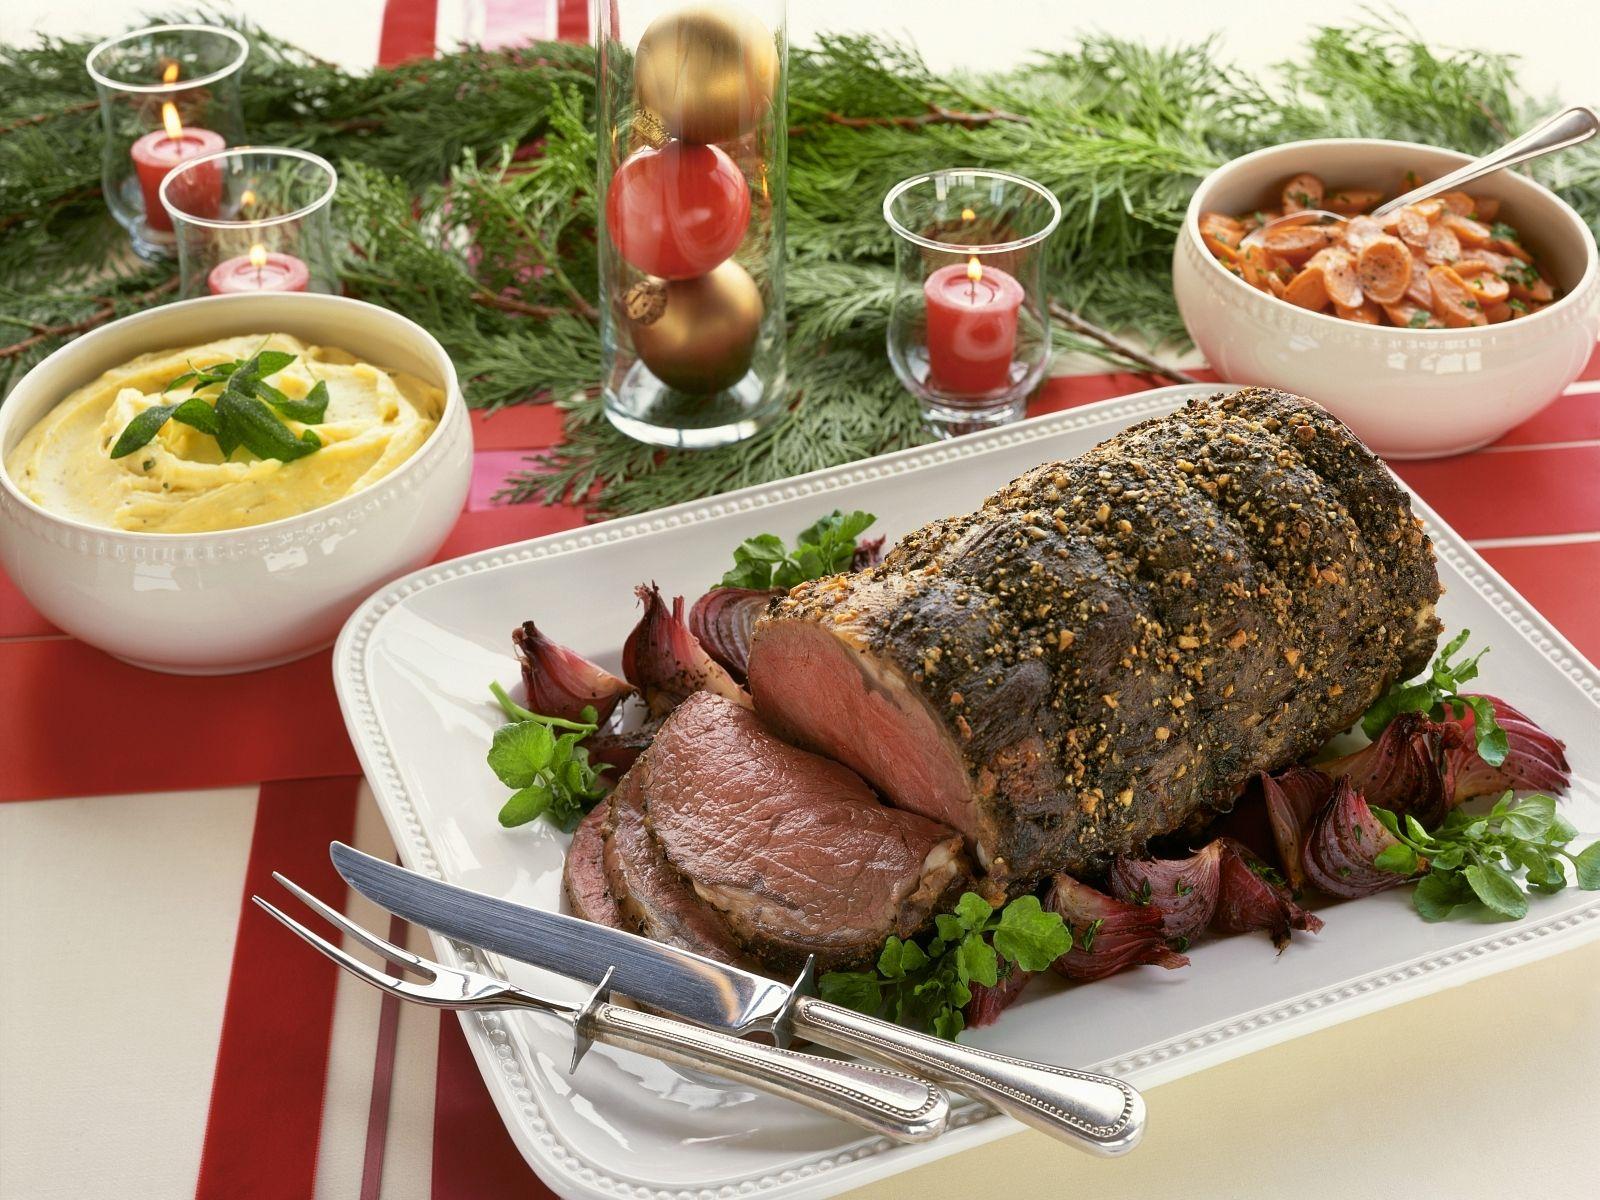 Kochbuch: Die besten Weihnachts-Rezepte   EAT SMARTER